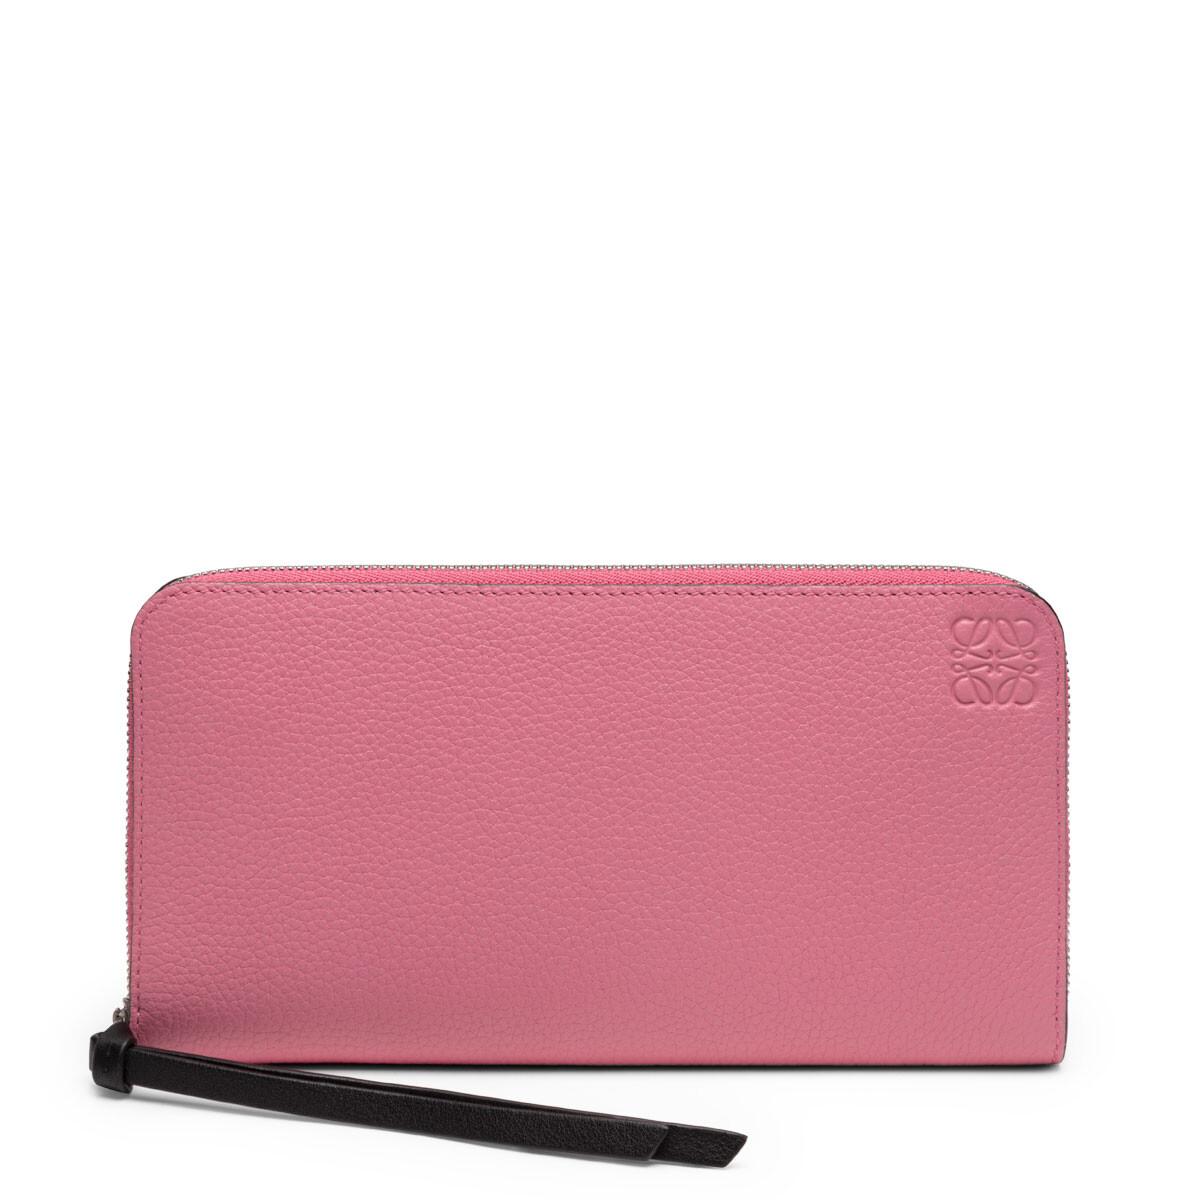 50代女性にオススメ「ロエベ」の長財布